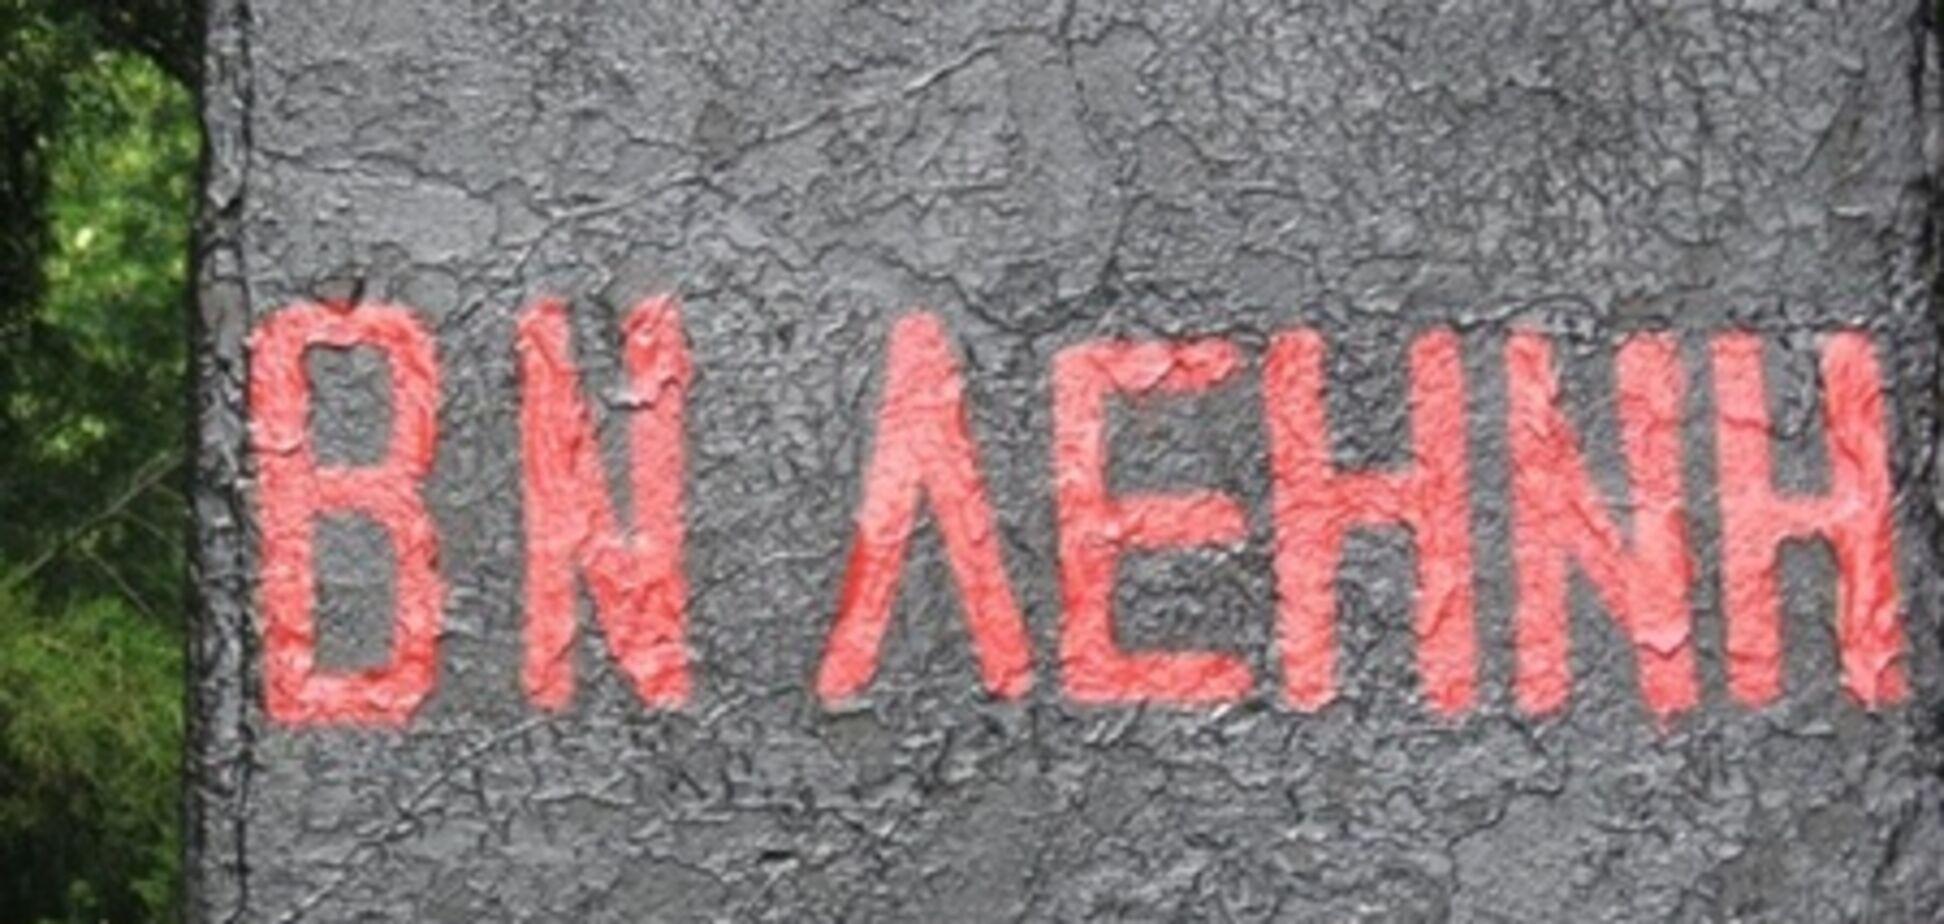 Реставраторы памятника Ленину сделали 2 ошибки в его имени